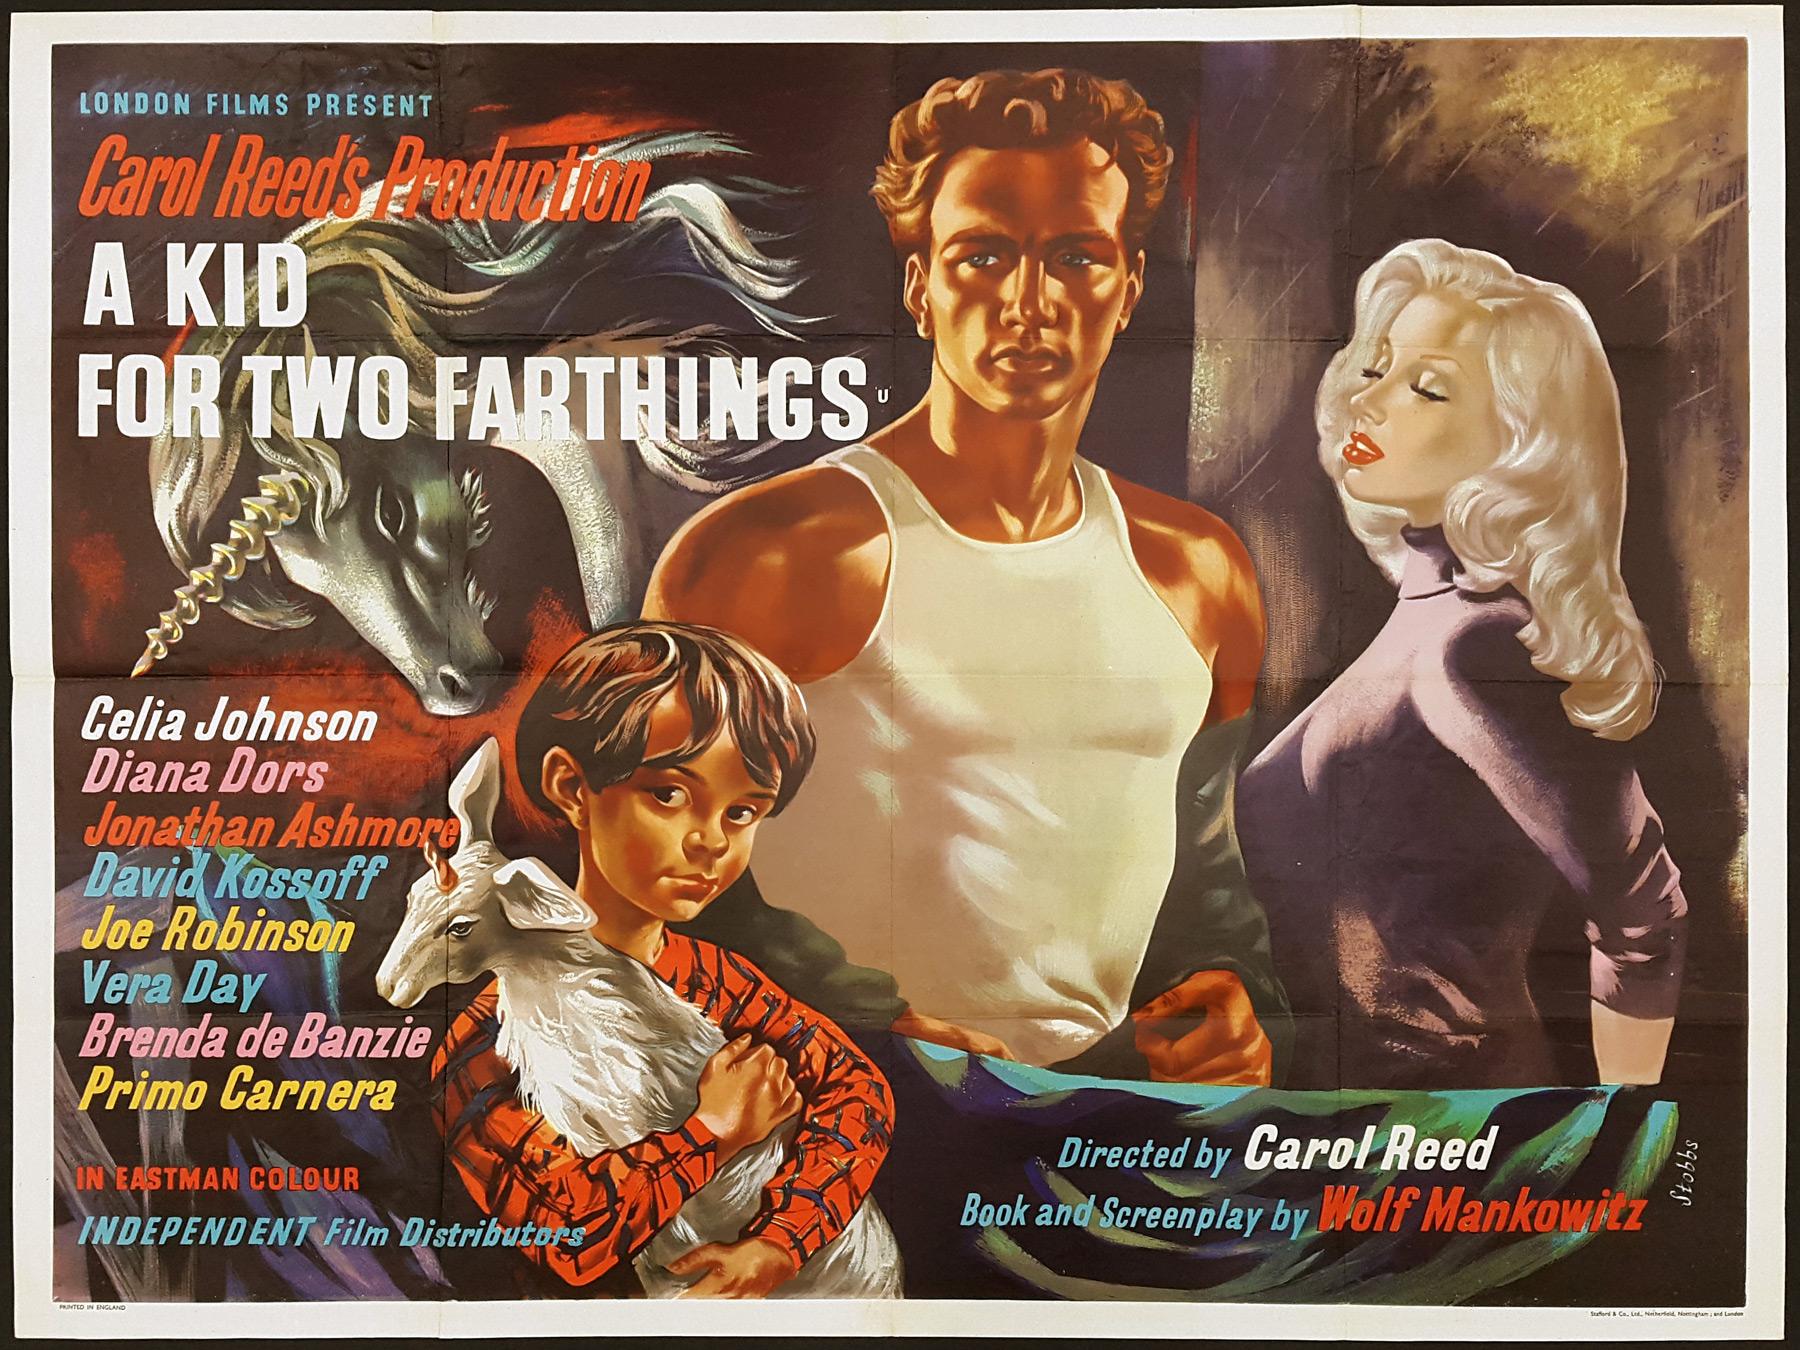 kid_for_two_farthings_UKquad.jpg